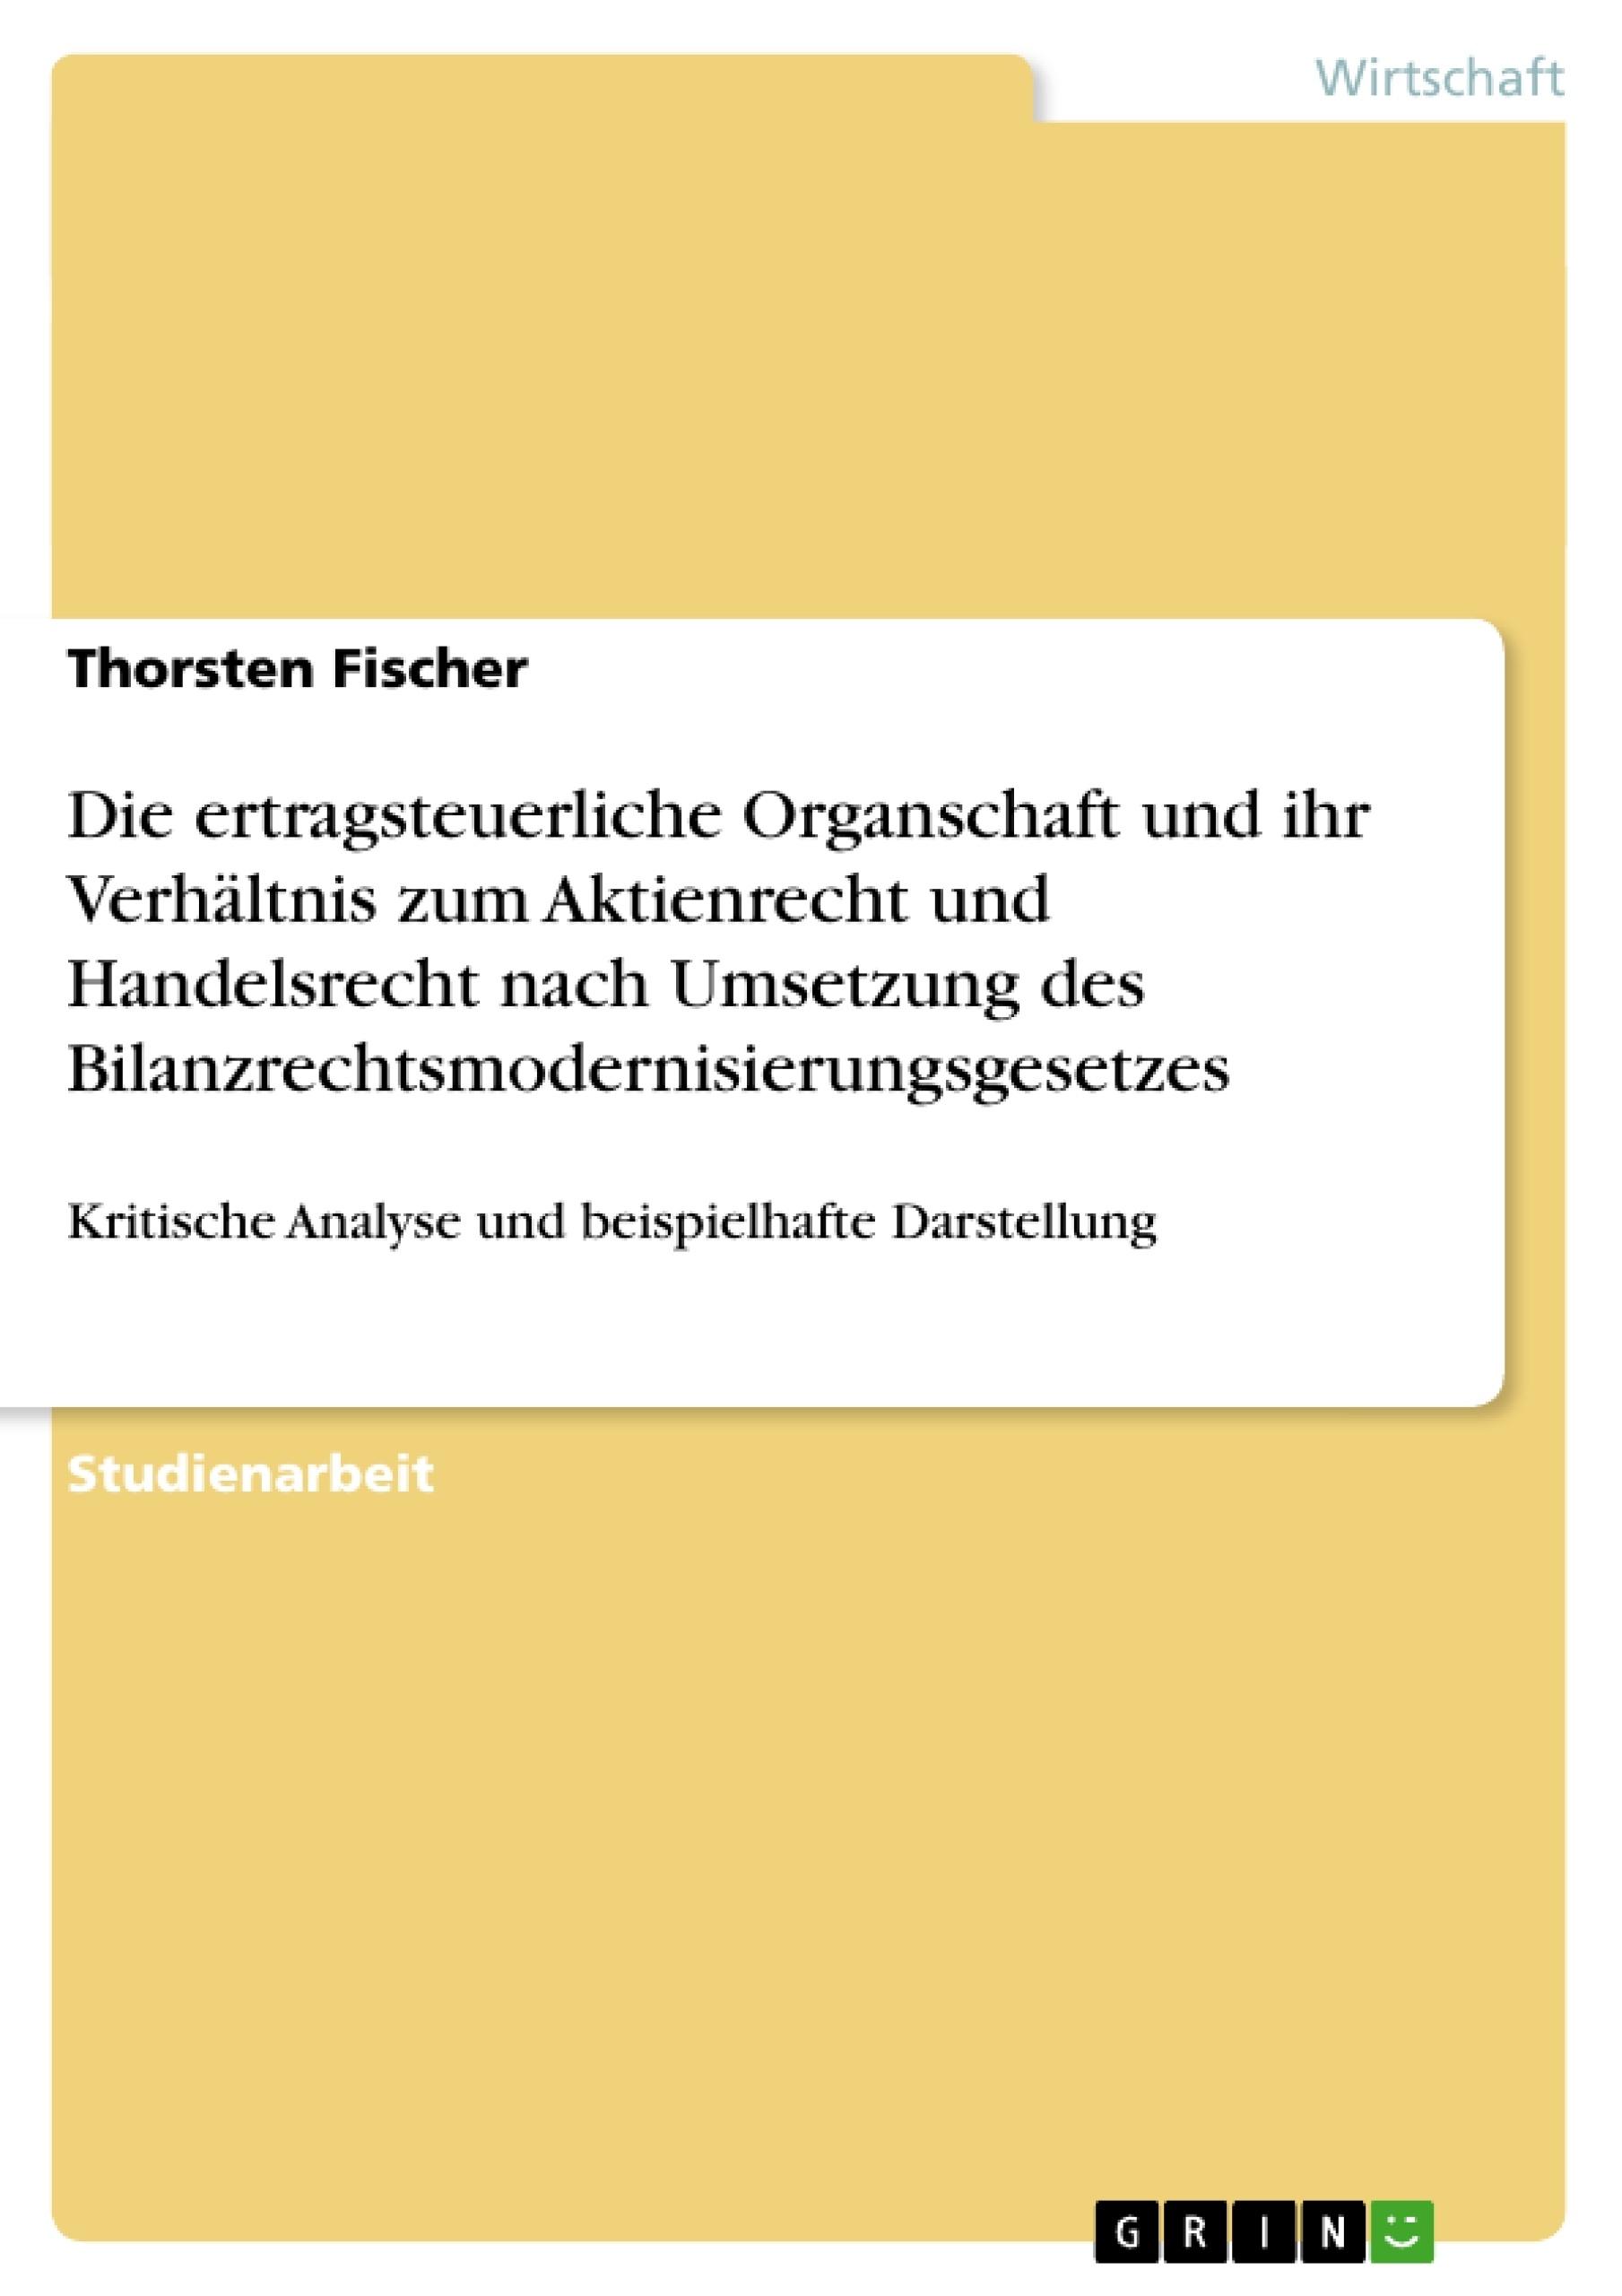 Titel: Die ertragsteuerliche Organschaft und ihr Verhältnis zum Aktienrecht und Handelsrecht nach Umsetzung des Bilanzrechtsmodernisierungsgesetzes